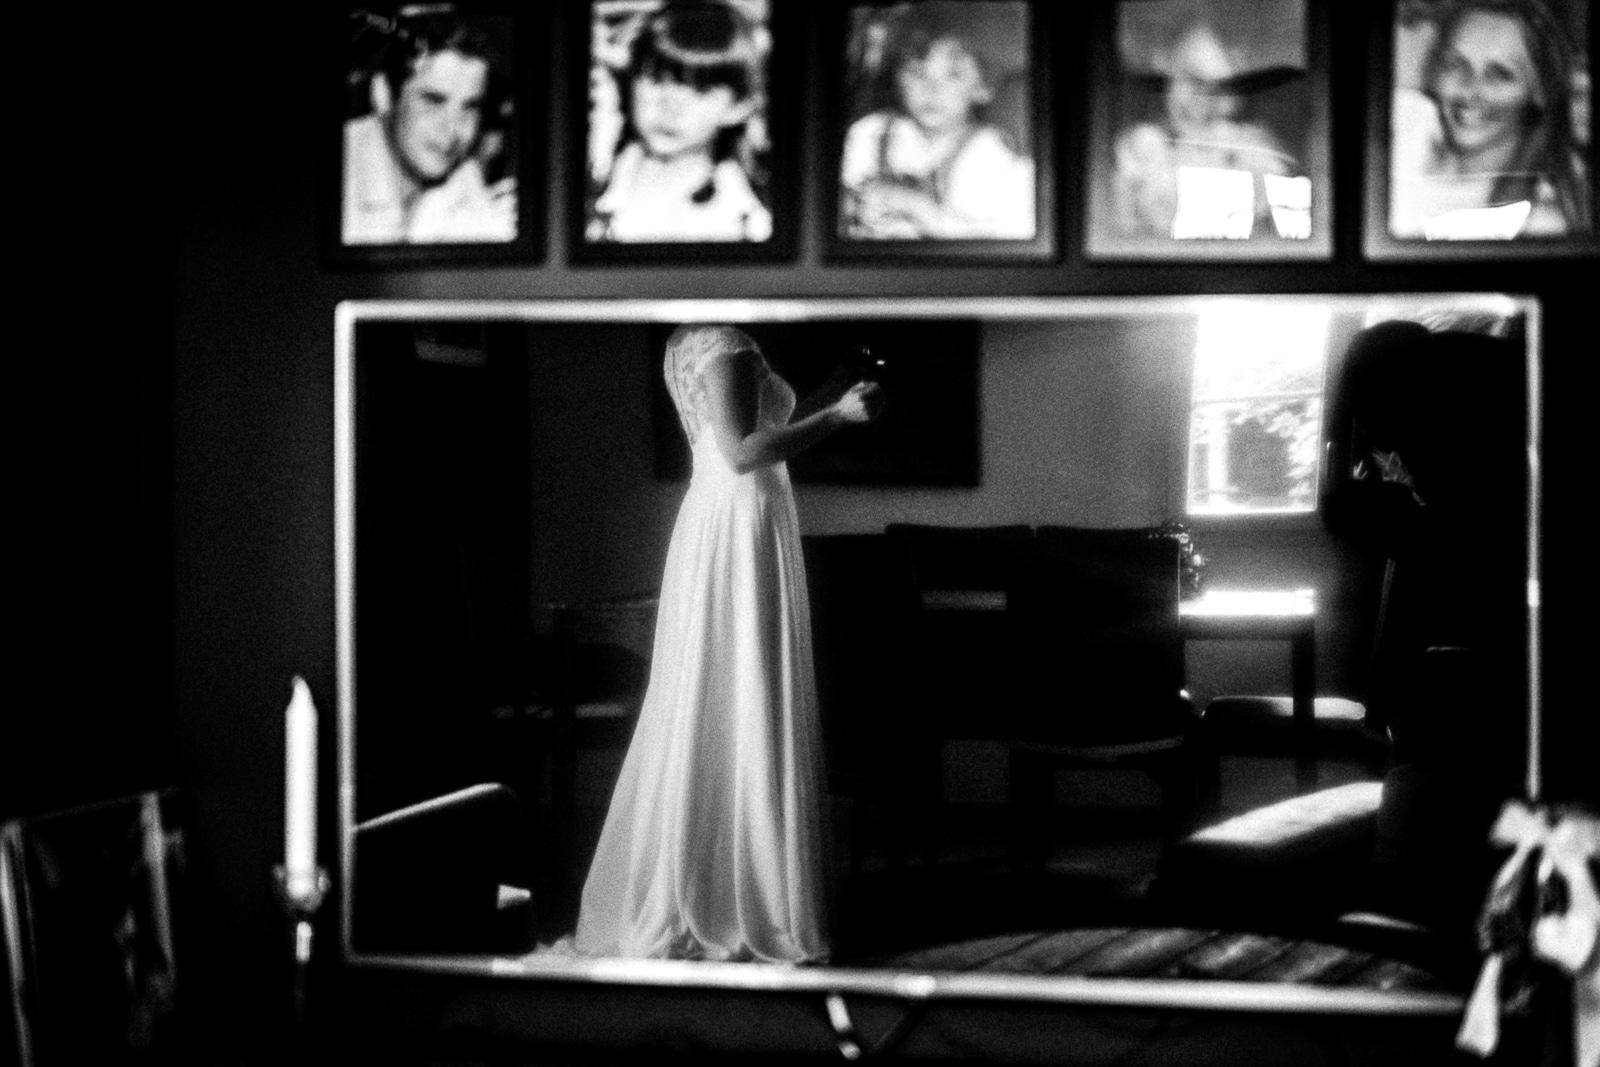 Mariage d'Ophélie et Christophe à Tours d'un photojournaliste